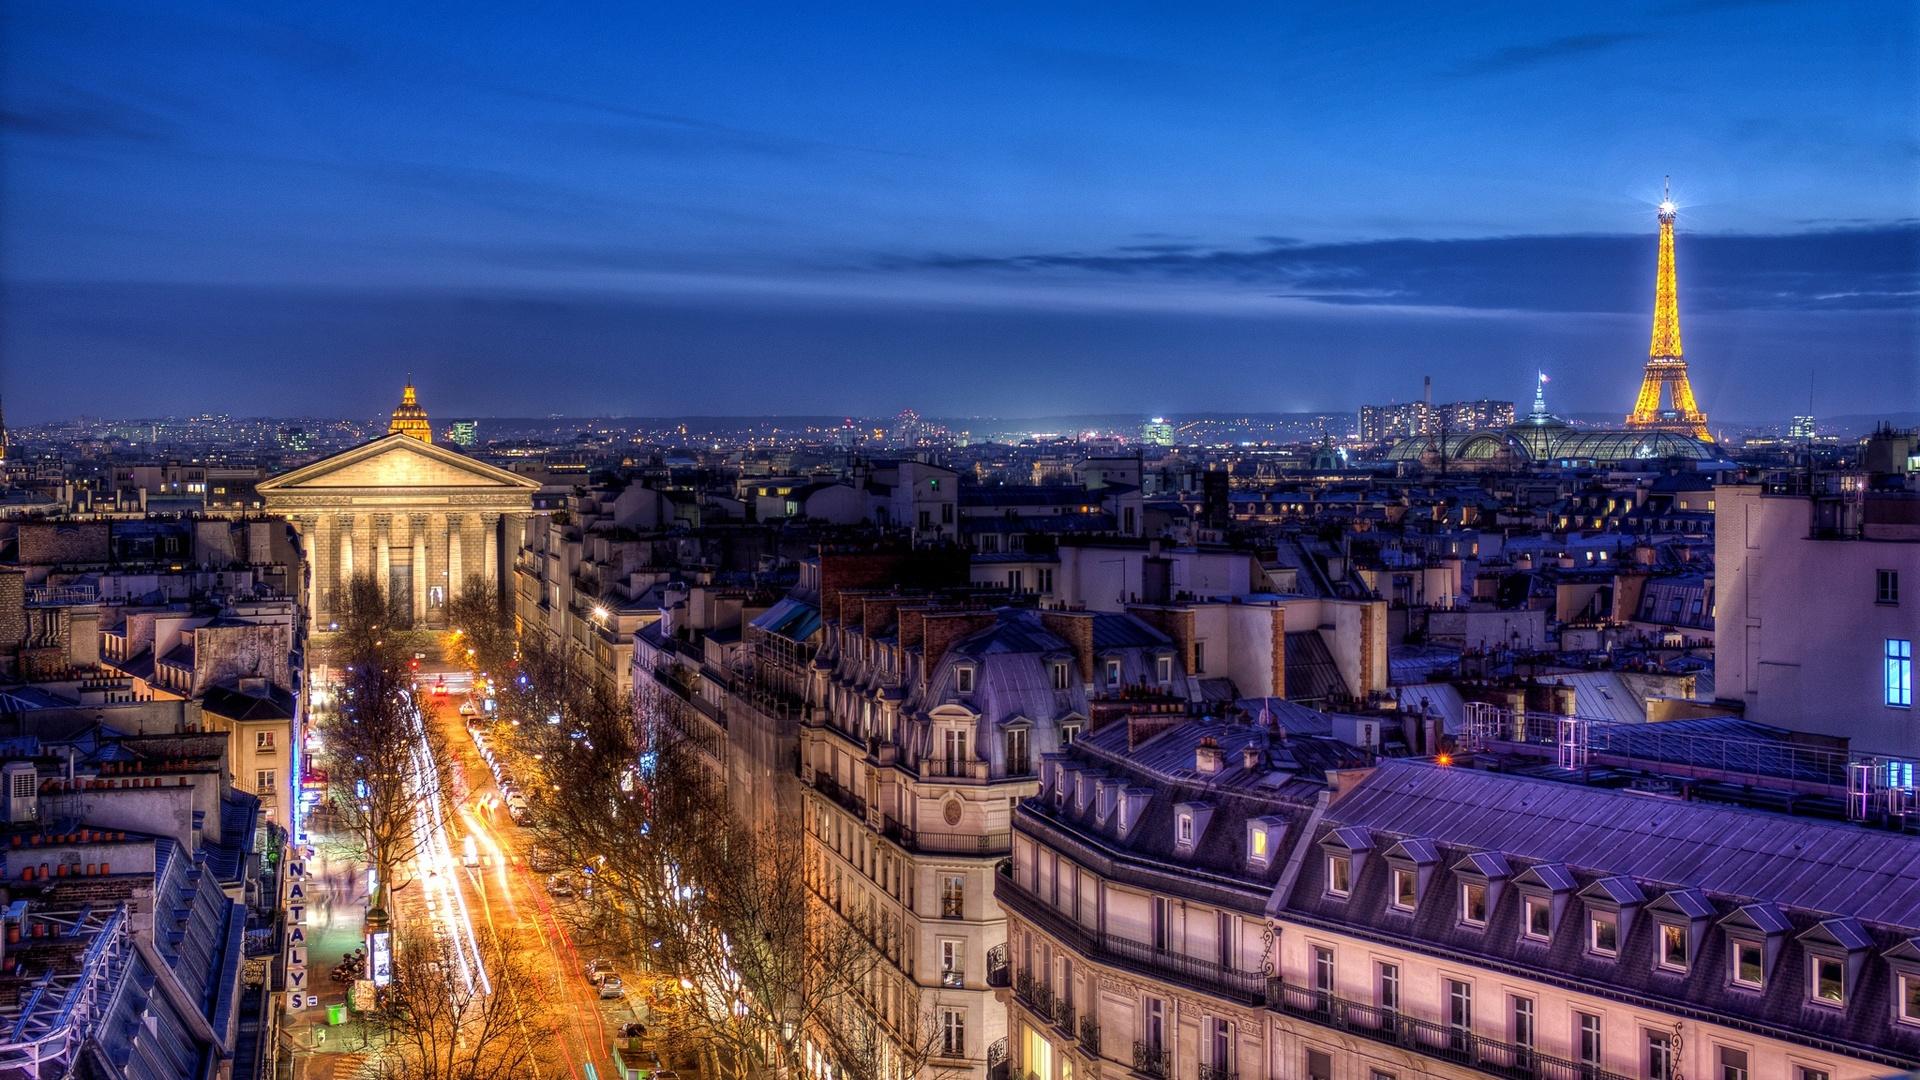 Hintergrundbilder beschreibung frankreich paris provinces opera